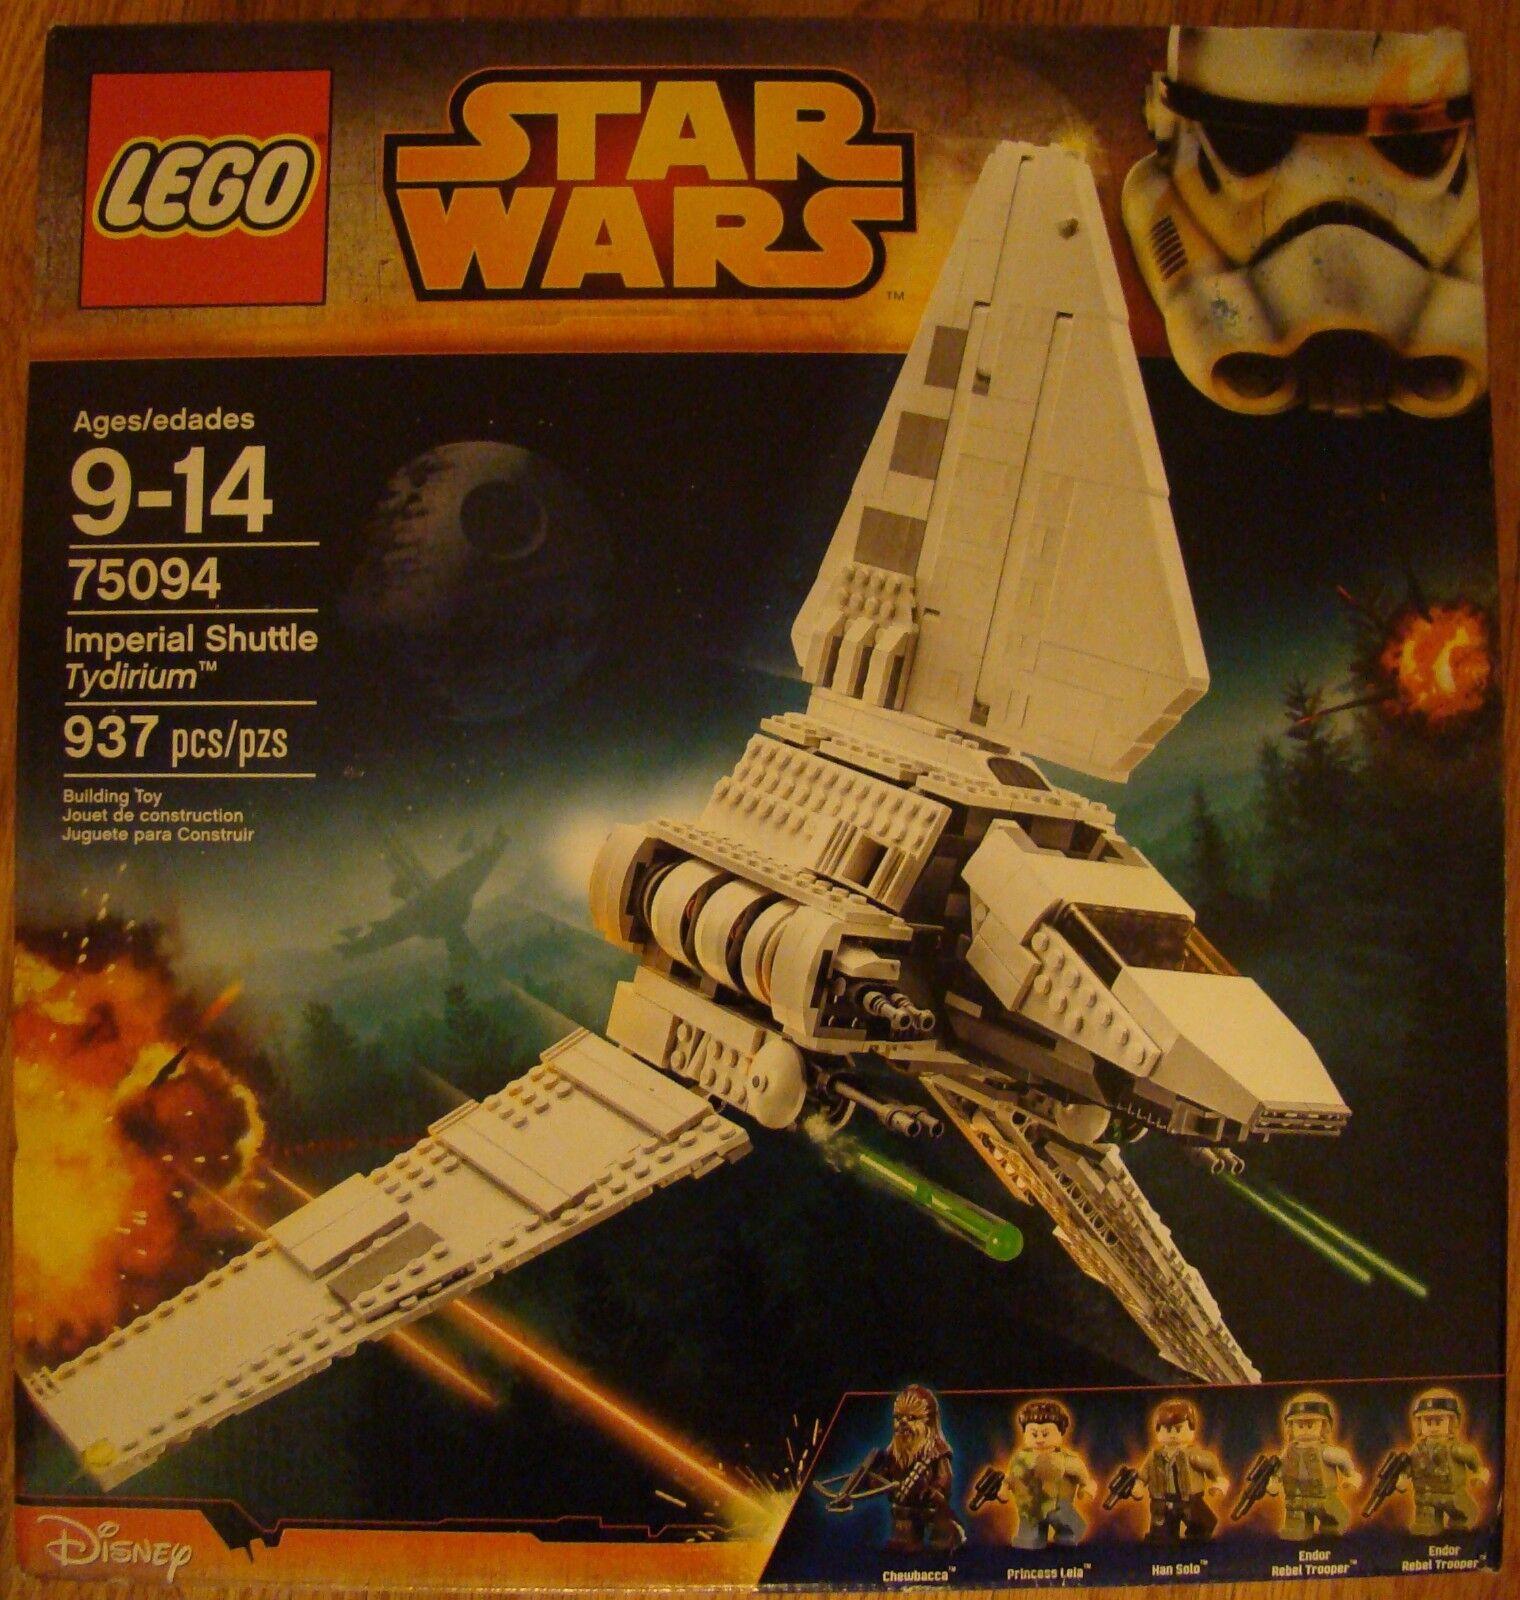 Brand  nouveau & Sealed NIB LEGO Star Wars Imperial Shuttle Tydirium 75094  vente en ligne économiser 70%